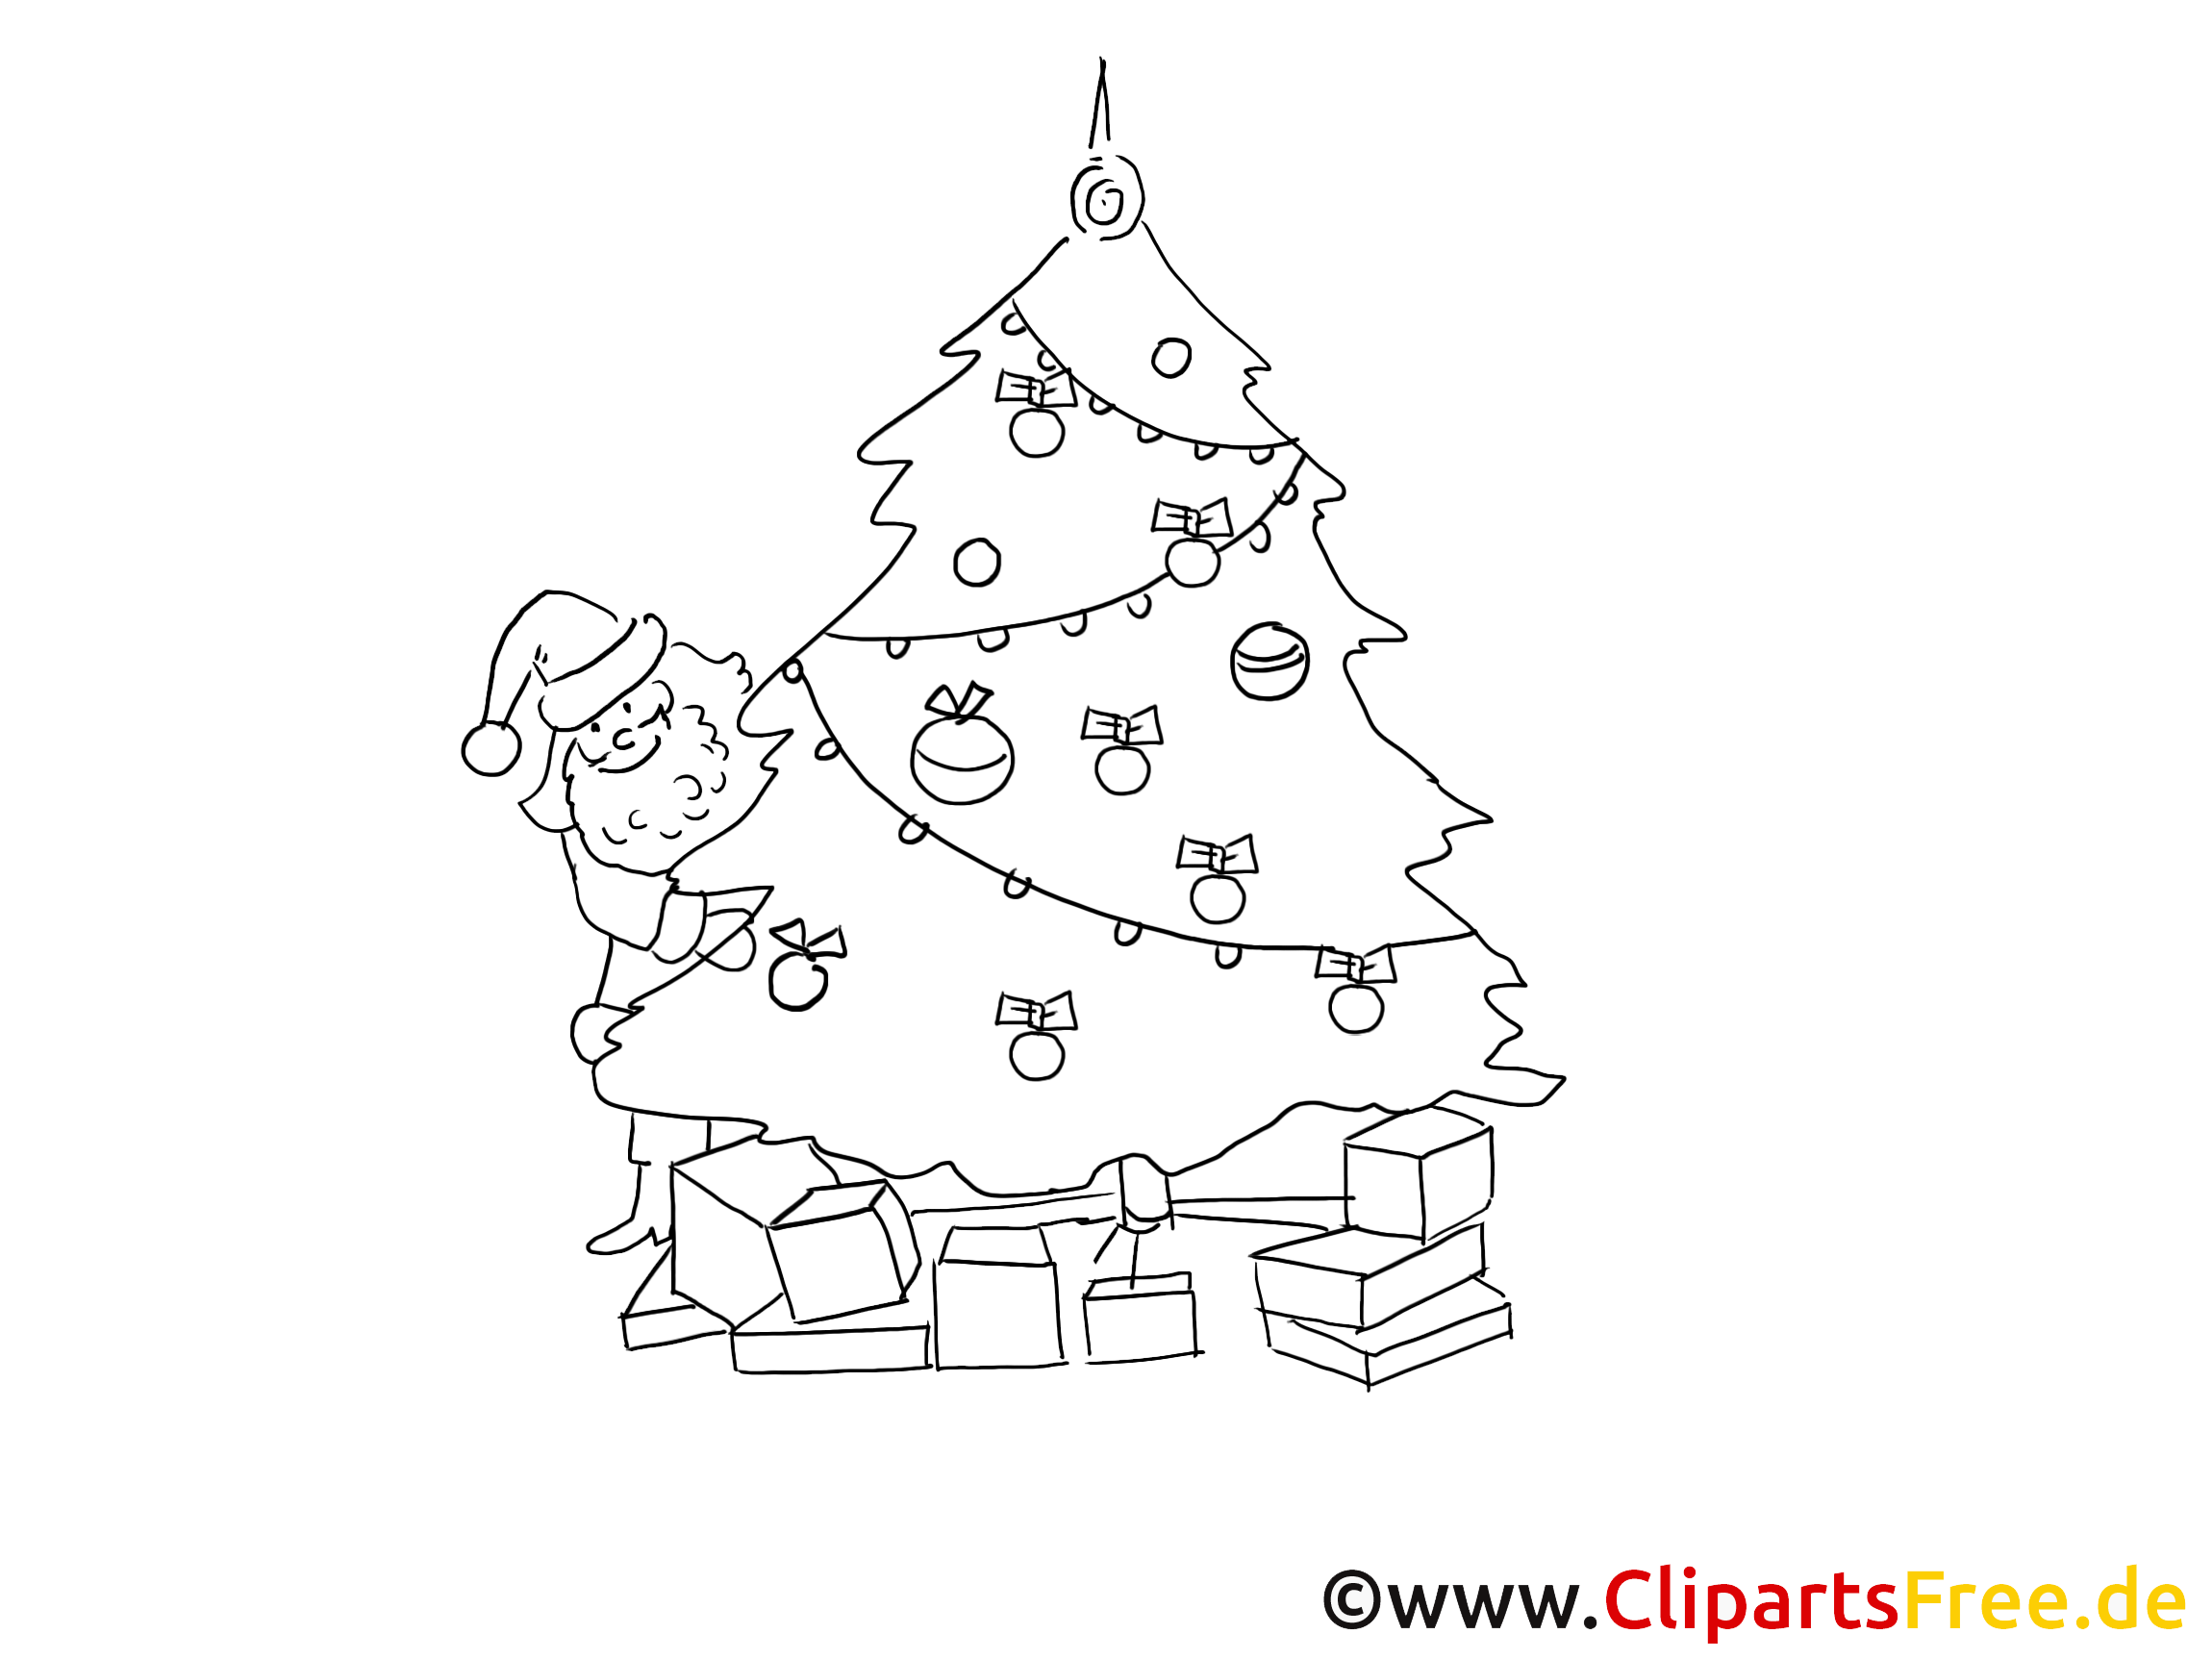 clipart schwarz weiss zu weihnachten. Black Bedroom Furniture Sets. Home Design Ideas